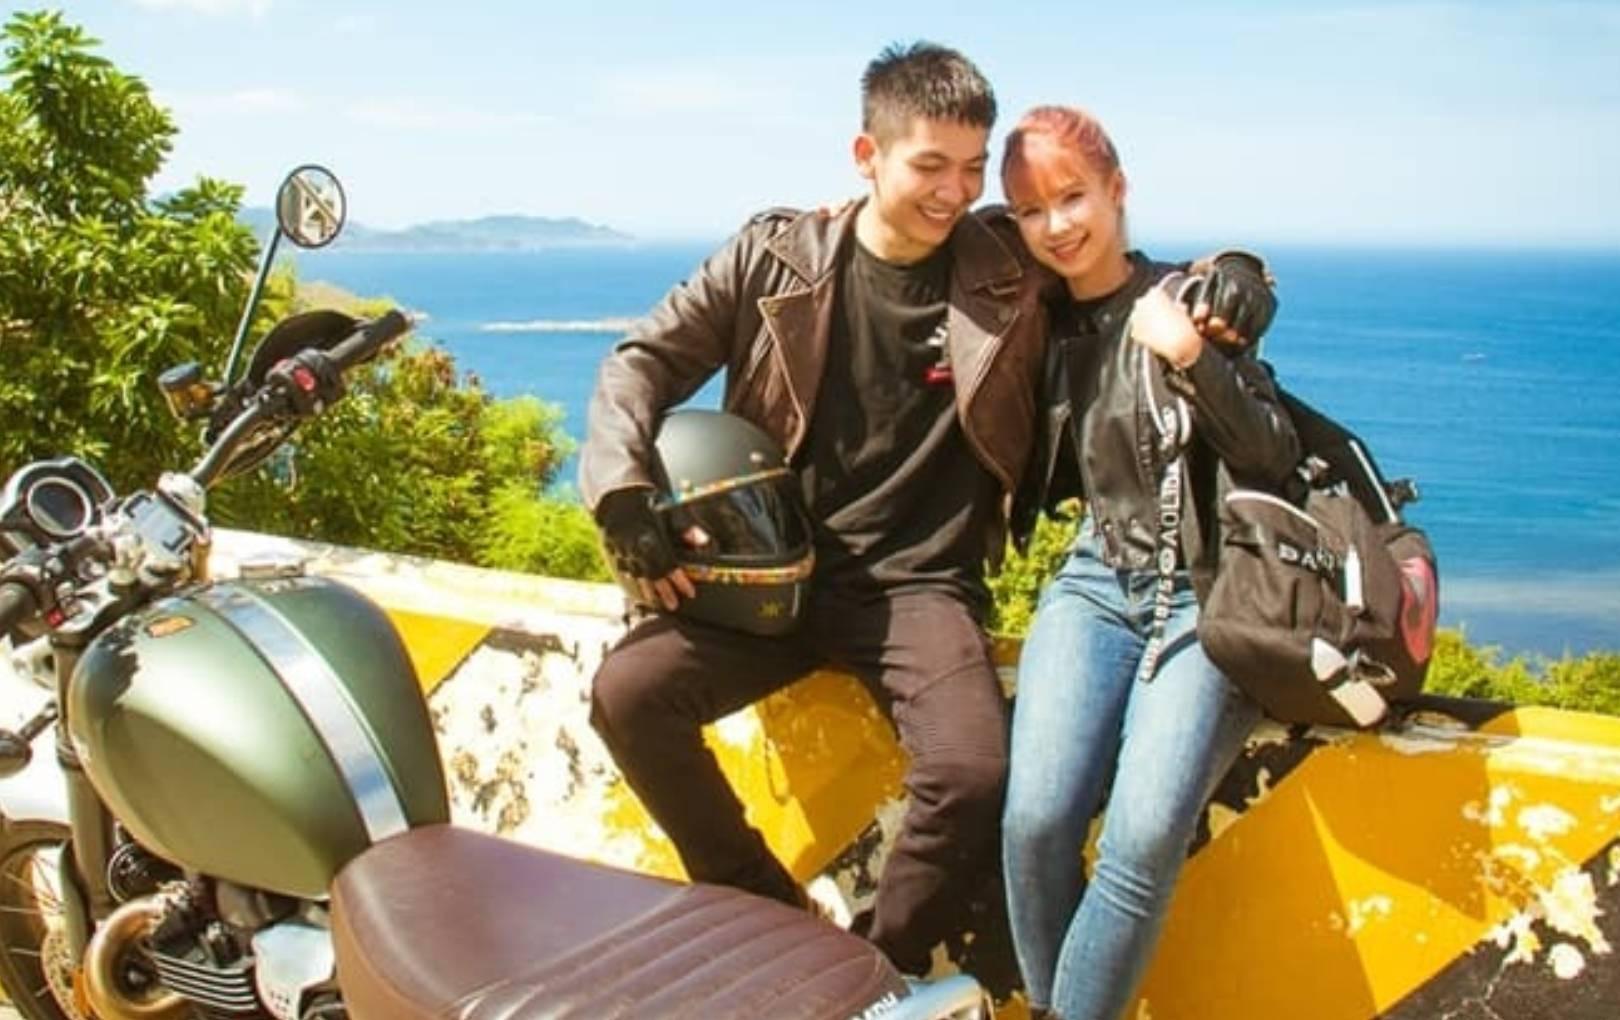 Cặp vợ chồng kì lạ nhất showbiz: Khởi My - Kelvin Khánh không hàng hiệu xe sang, chỉ có những chuyến đi